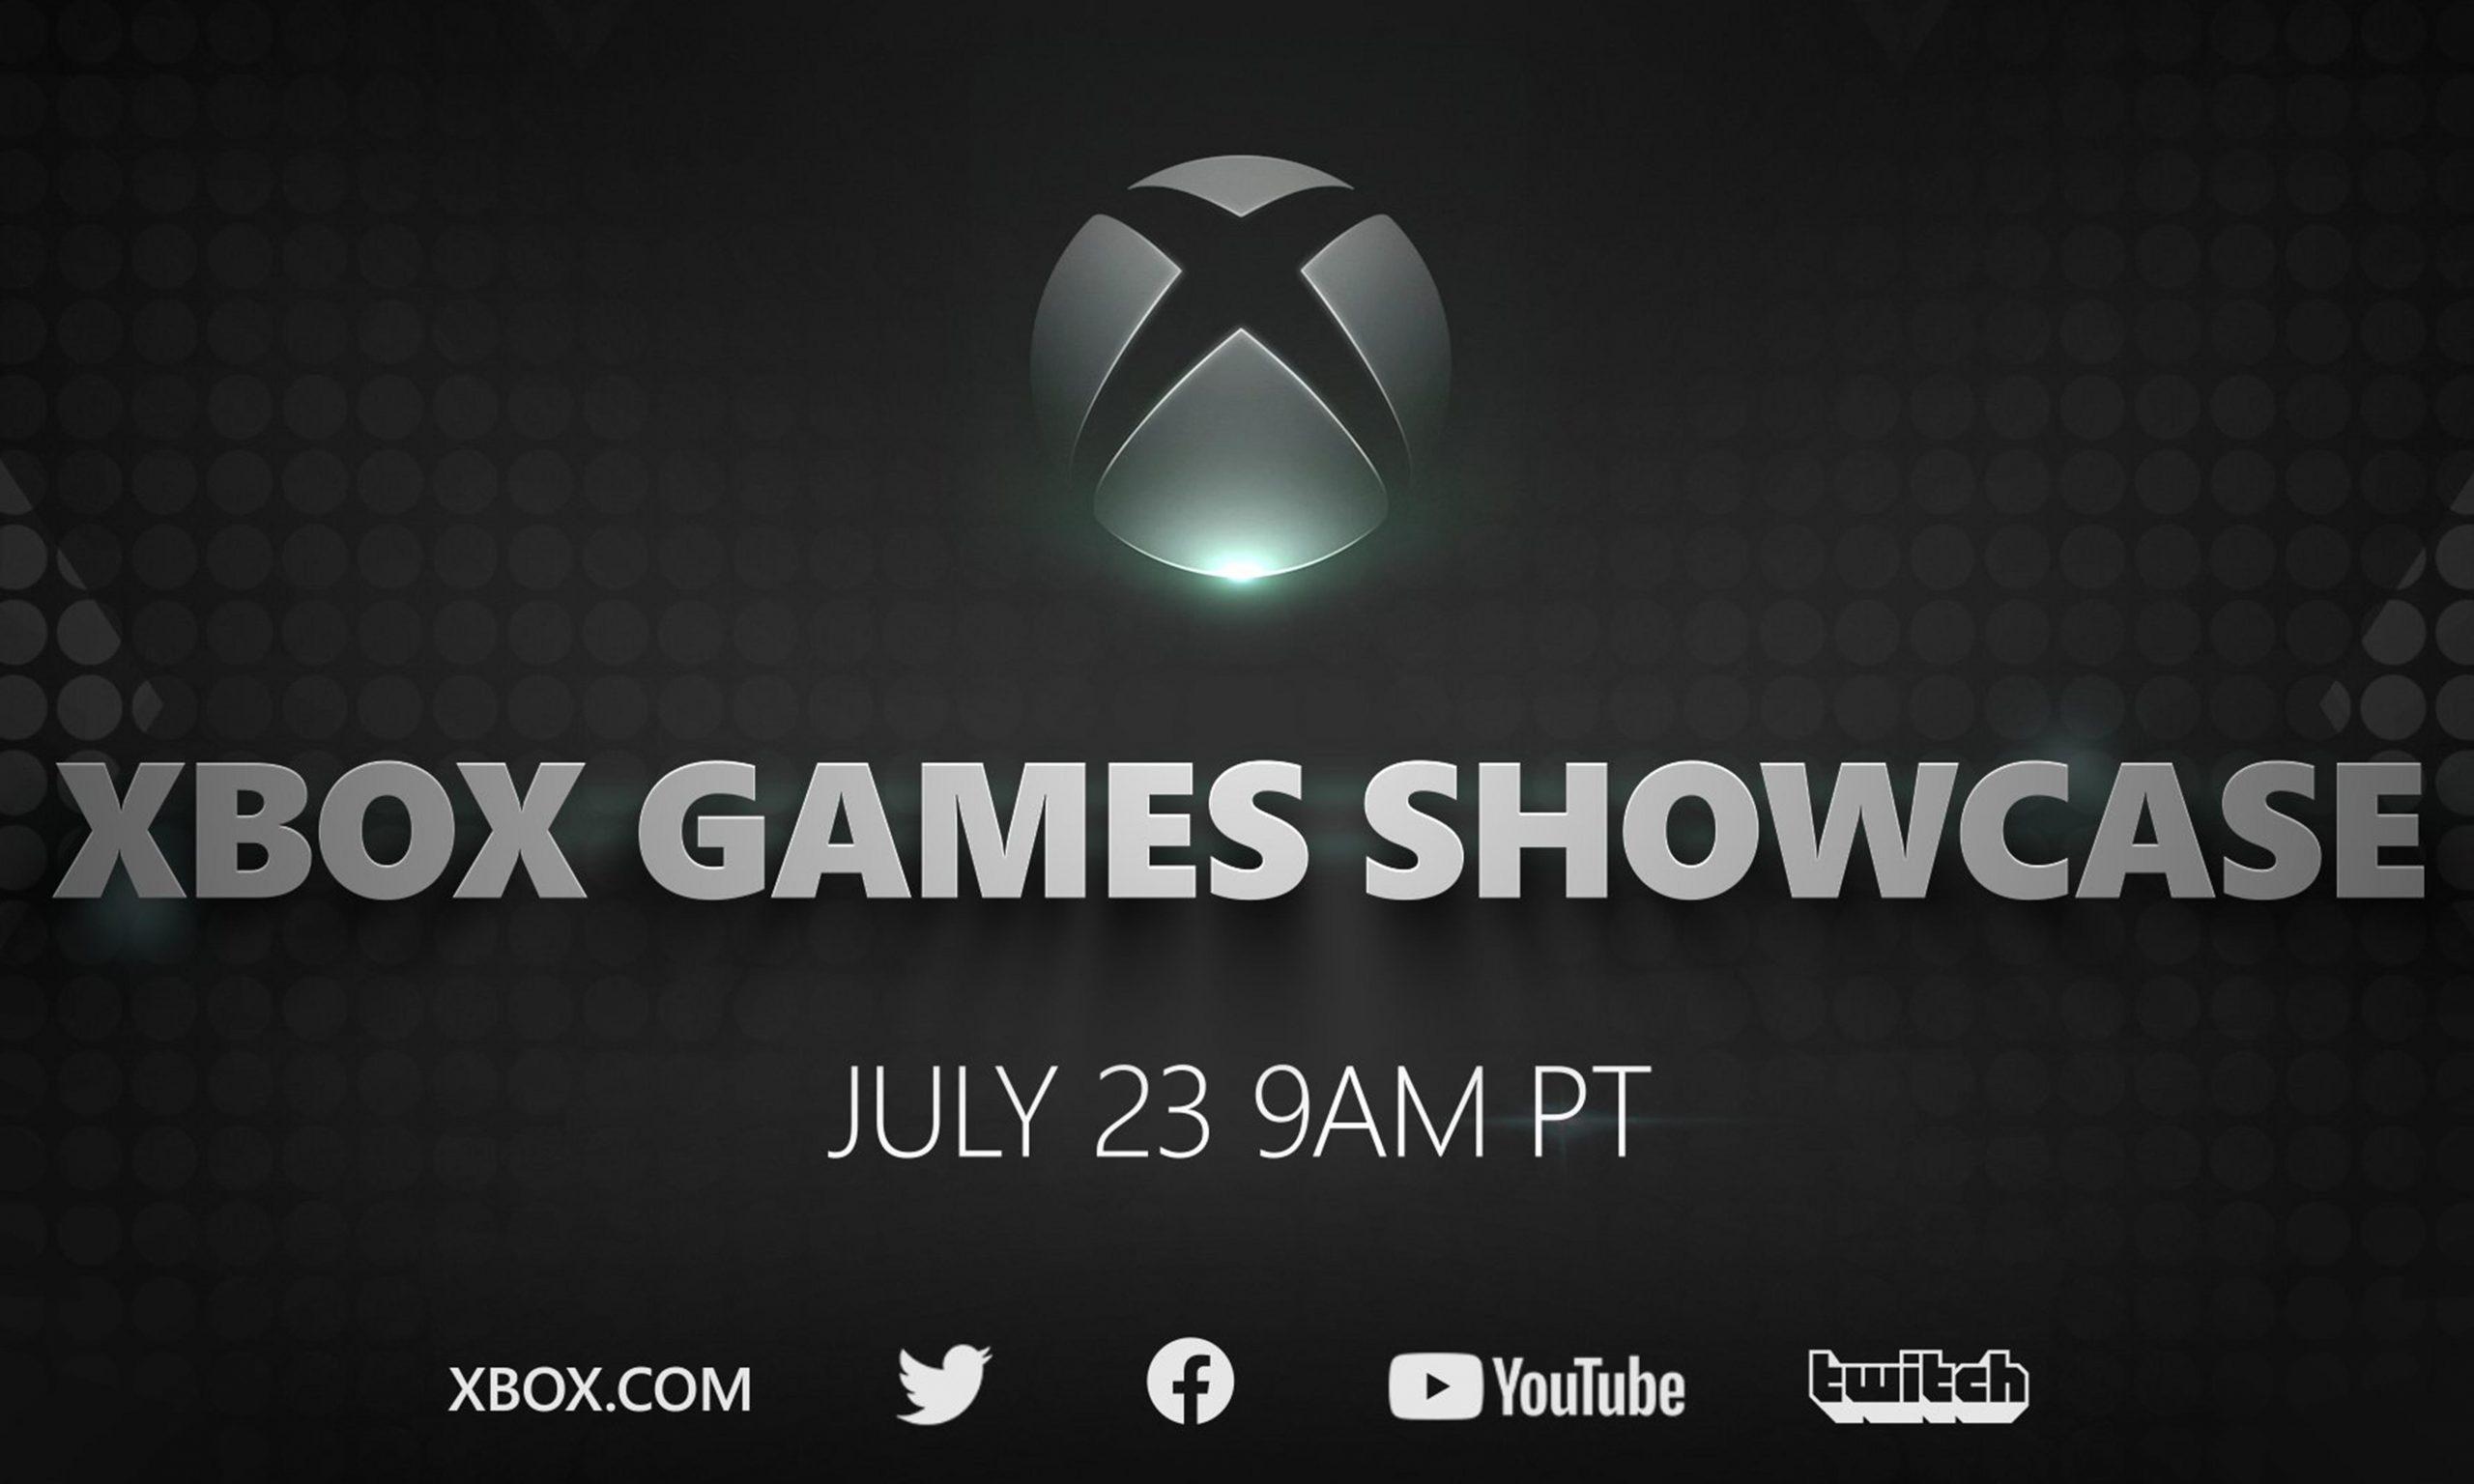 微软宣布 7 月 23 日举办 Xbox Series X 游戏介绍会